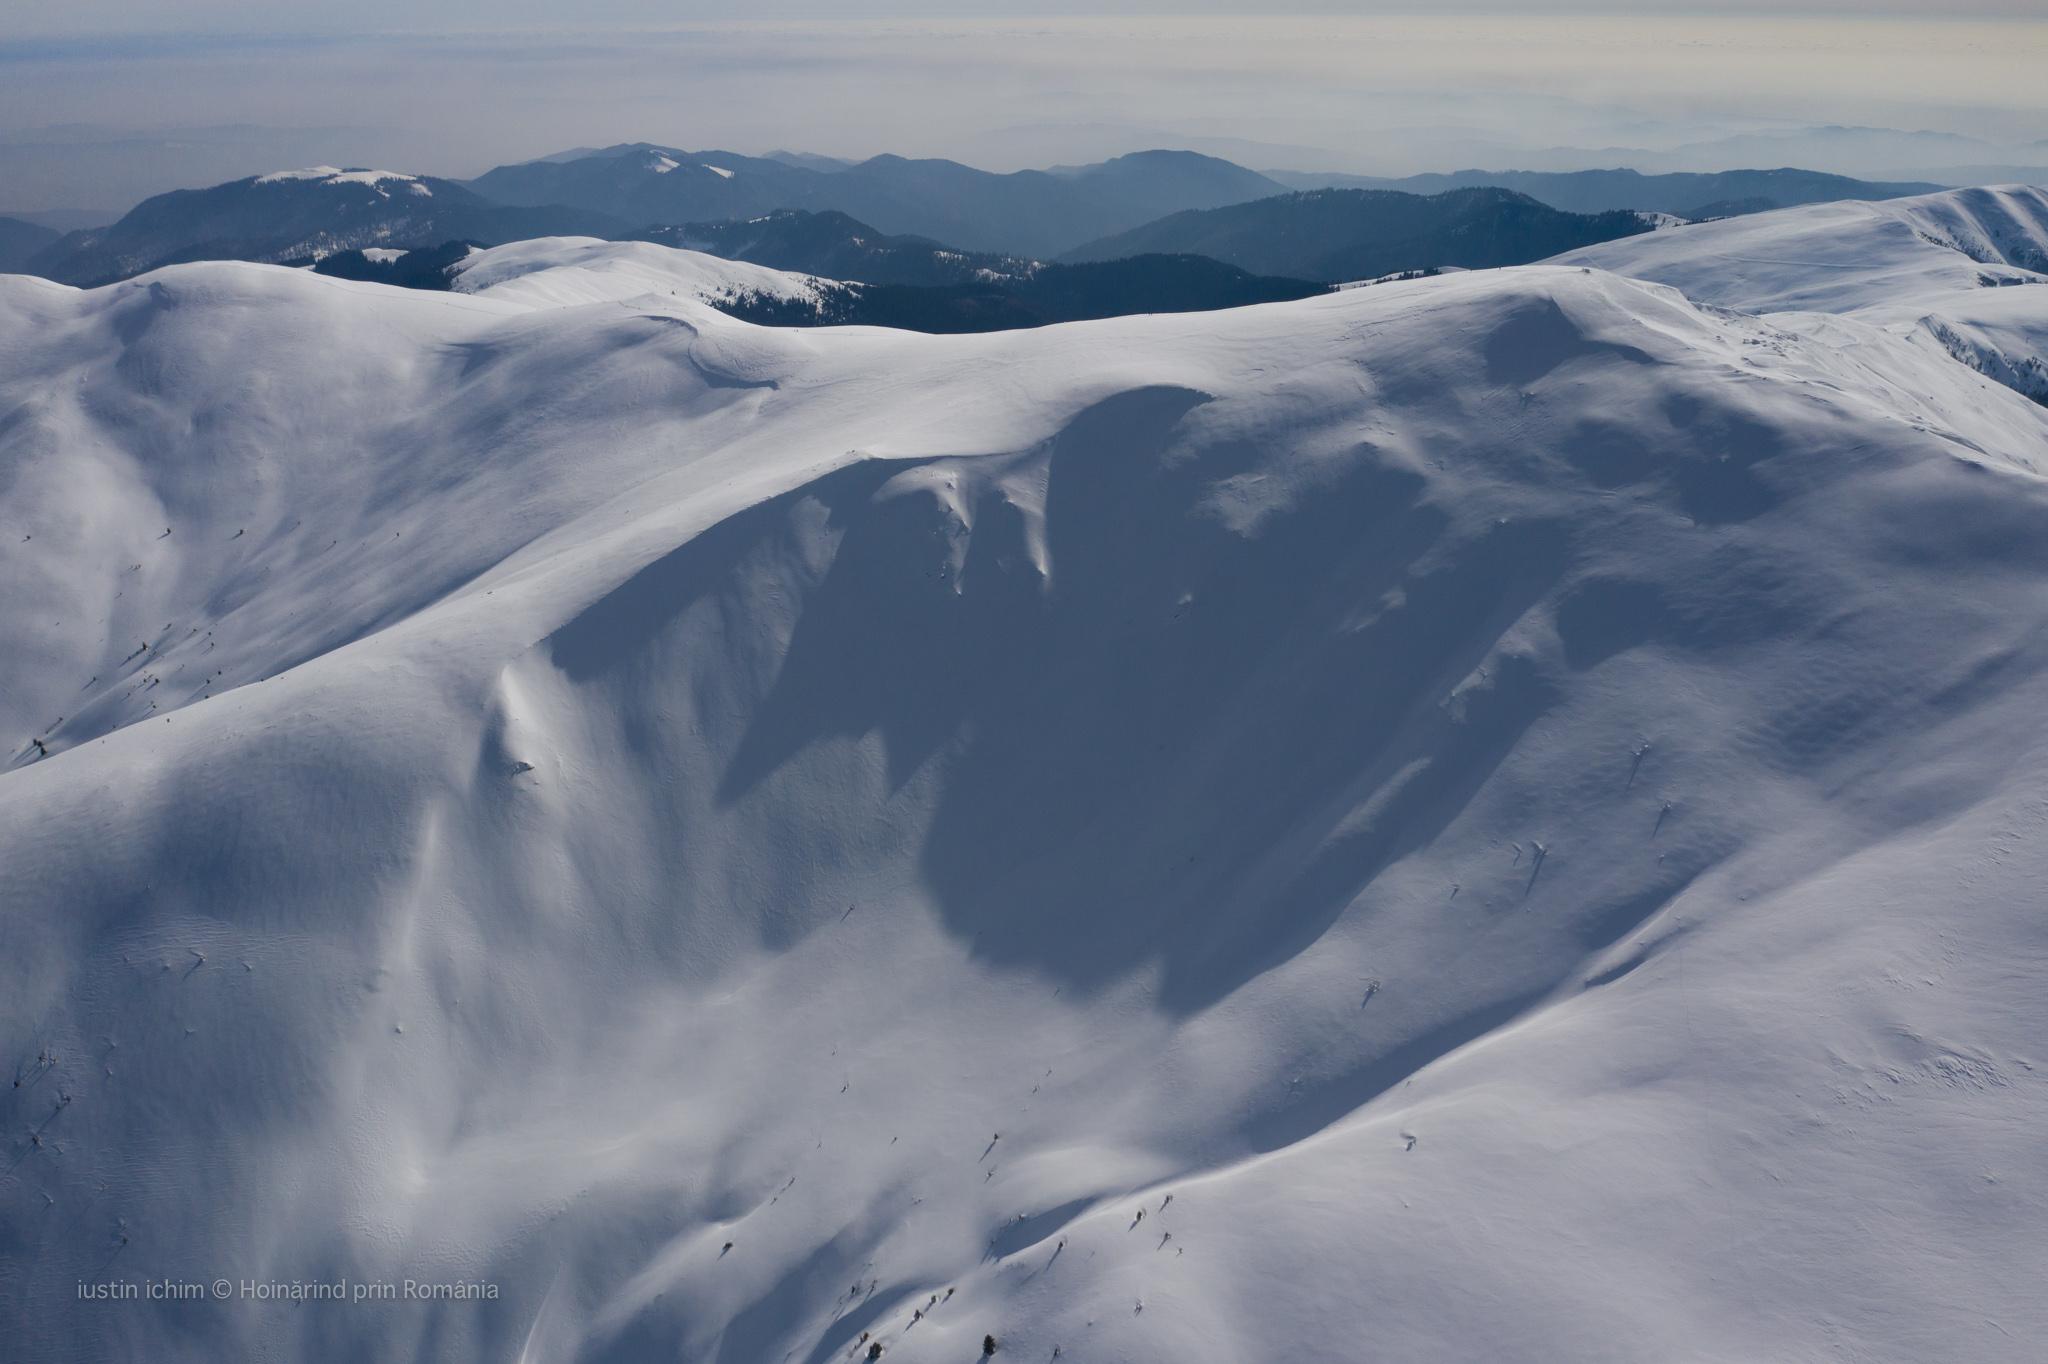 Vf. Leaota, iarna, 2133m